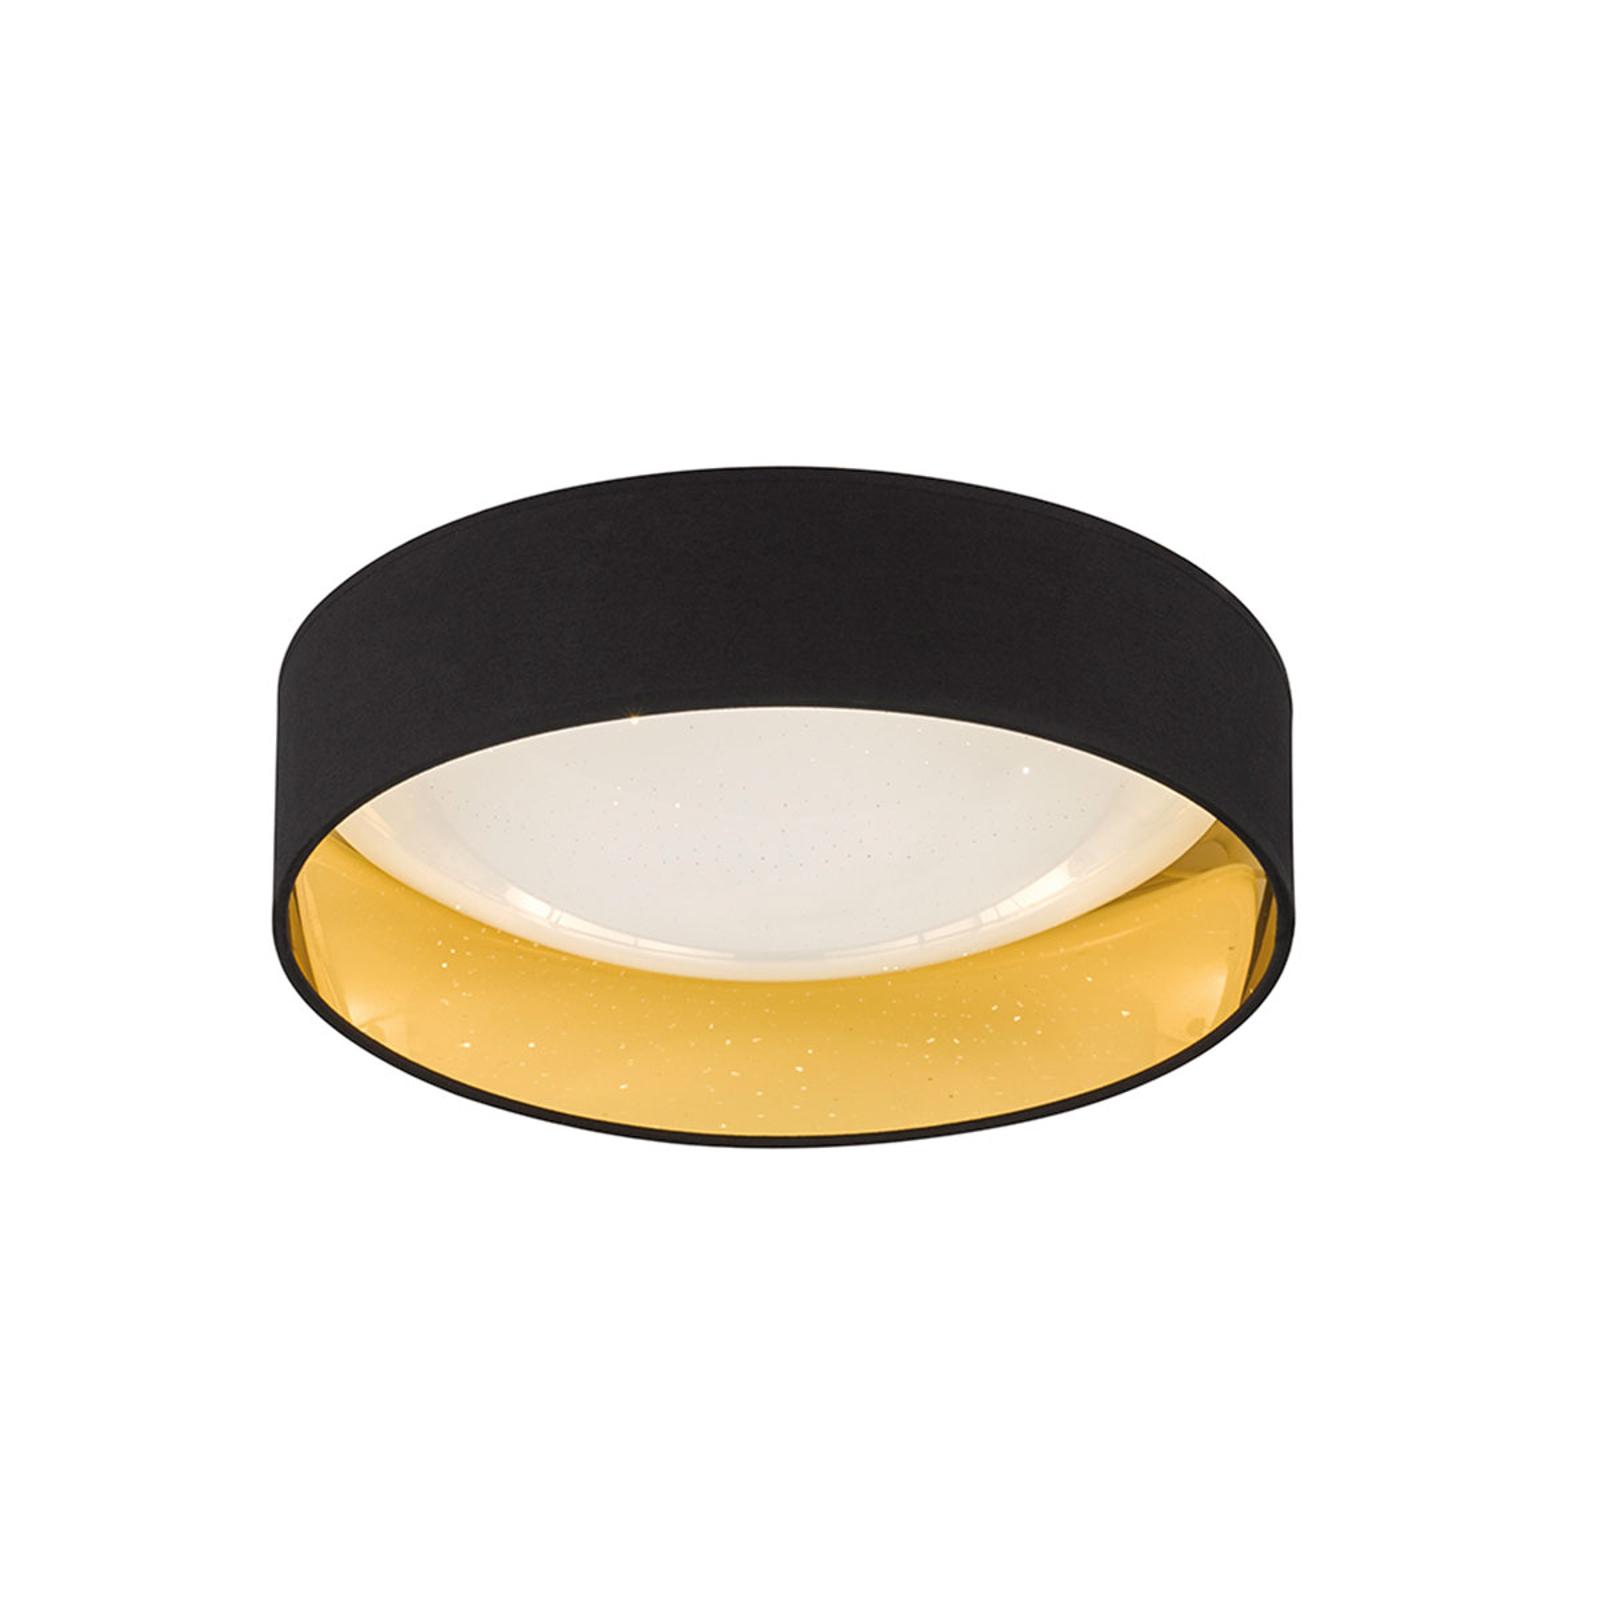 Plafonnier LED Sete noir-doré Ø 40cm